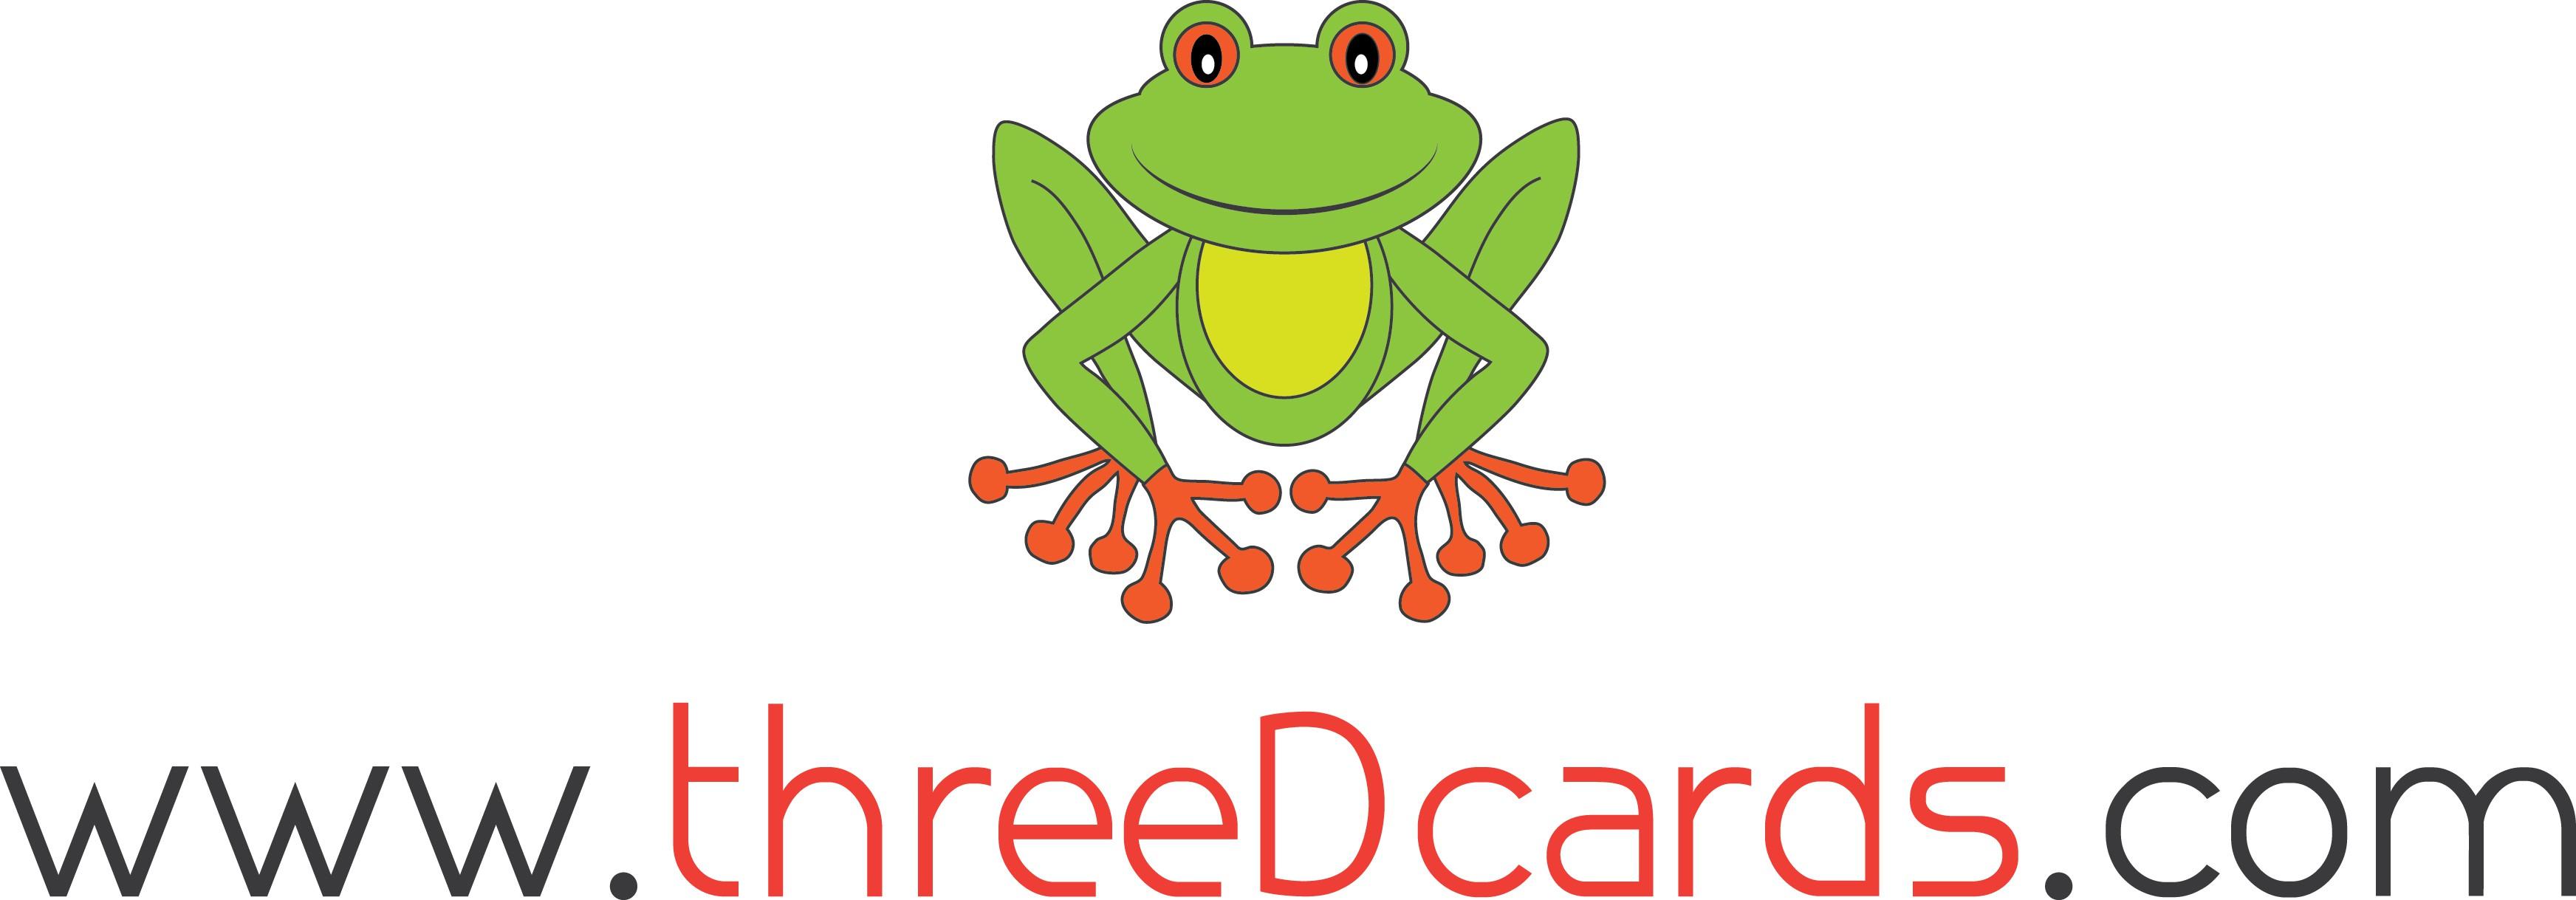 Greeting Card Retailer Logo